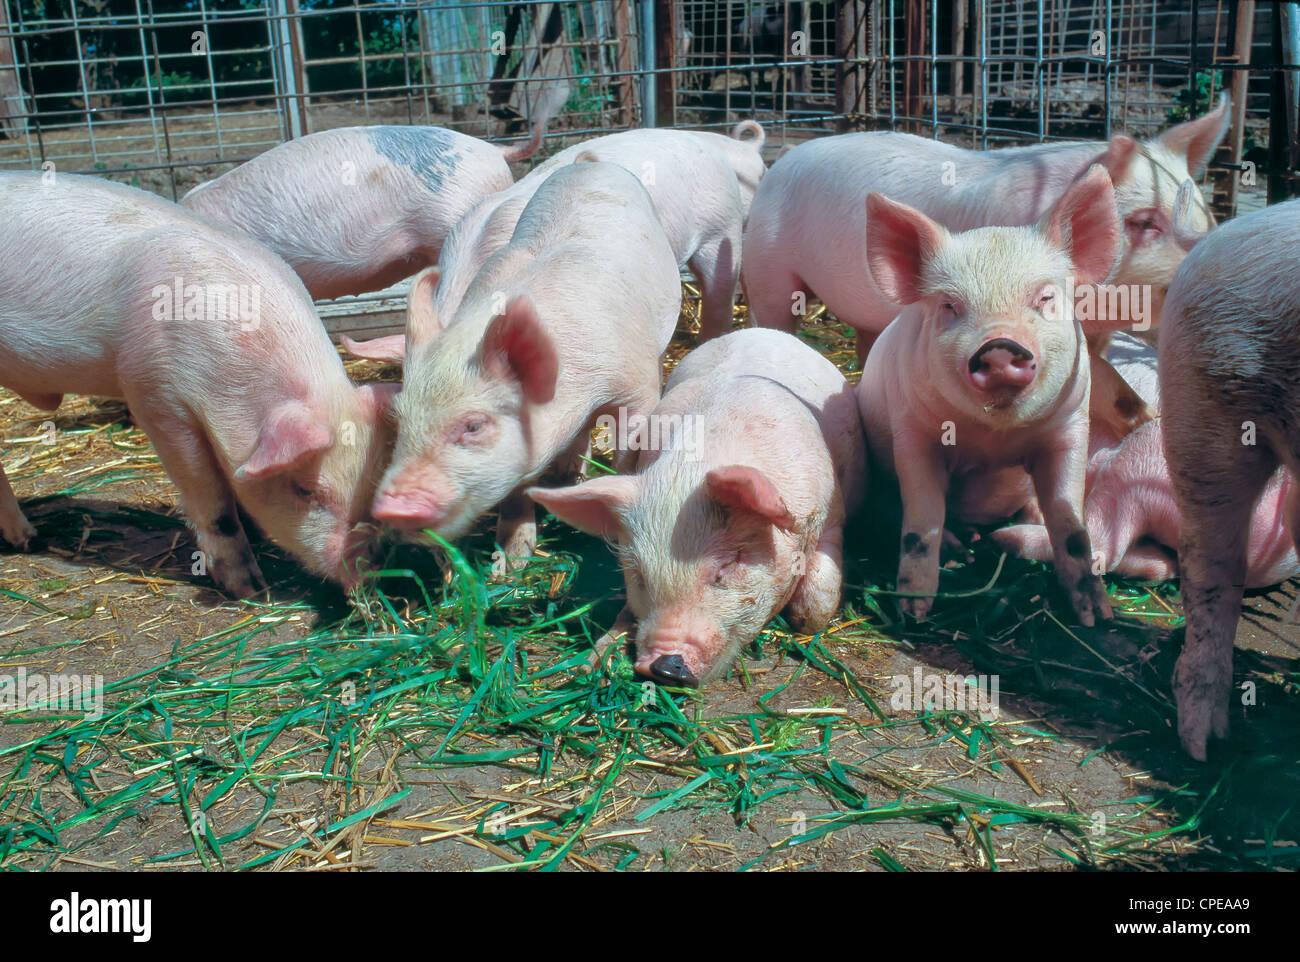 """Juvenile Schweine """"Yorkshire"""" Fütterung im Stift. Stockbild"""